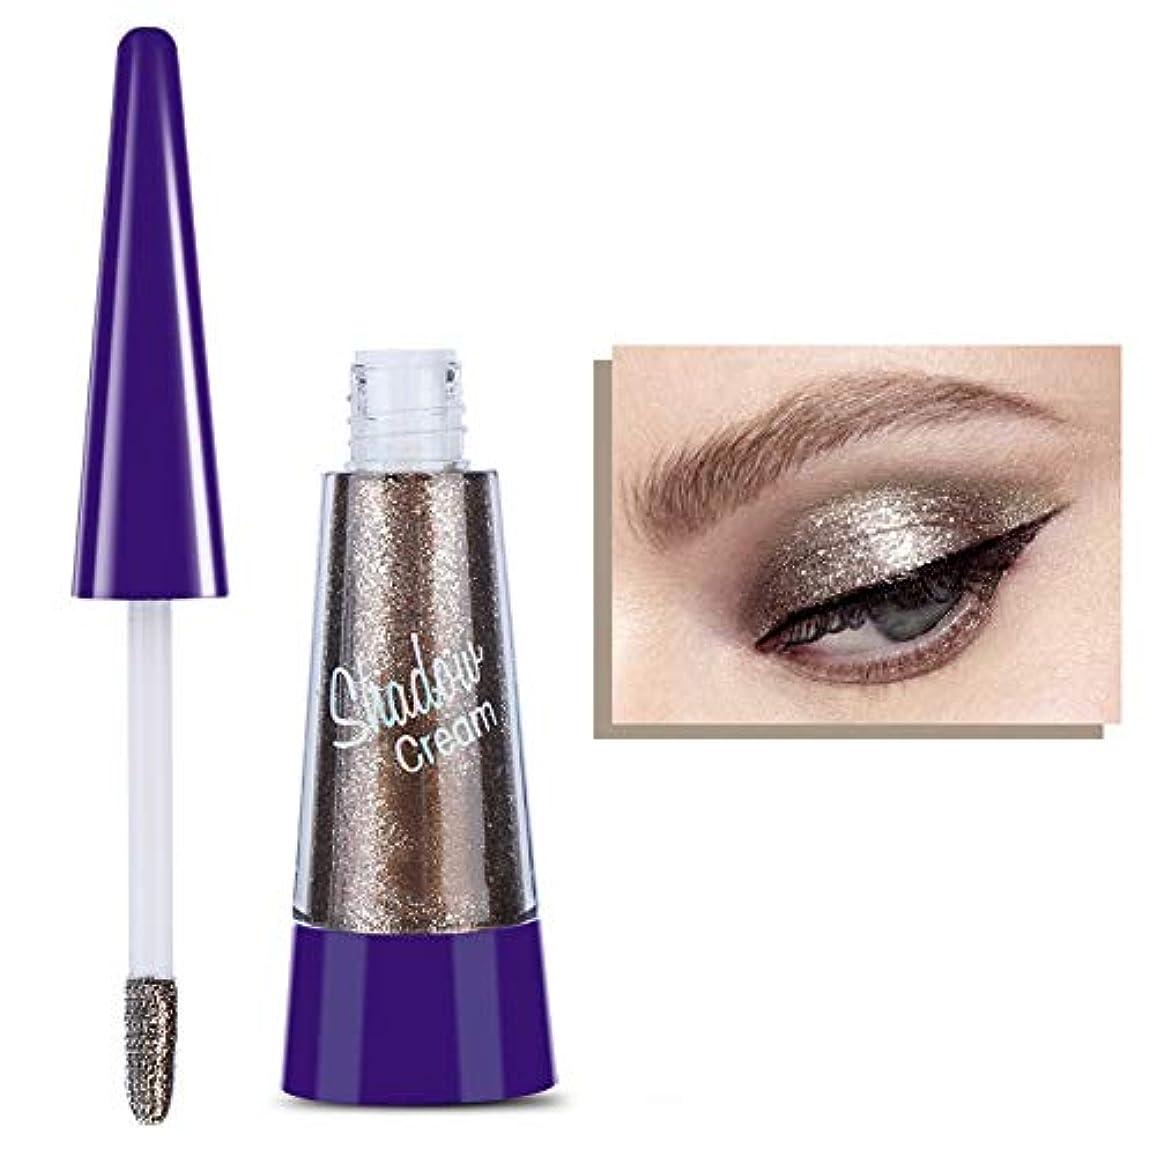 小さなしたがって眉をひそめる液体光沢アイシャドウ、目のための耐久性のある防水化粧品、華やかなアイメイクを作成する、ショッピングや会議やパーティーに適している(02)